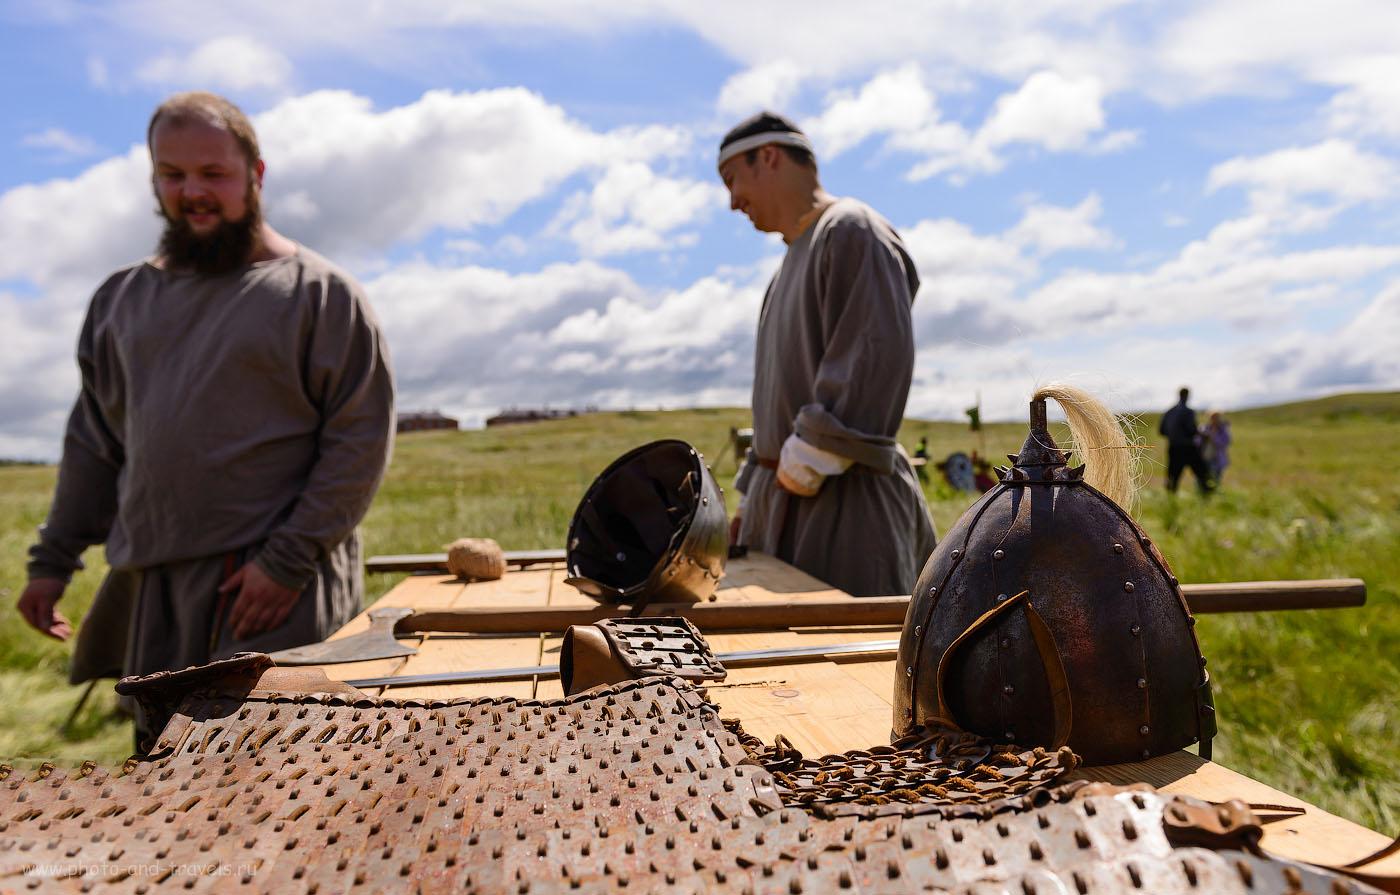 6. Витязи готовятся к бою. Реконструкция событий средневековья. (100, 24, 4.5, 1/1000)